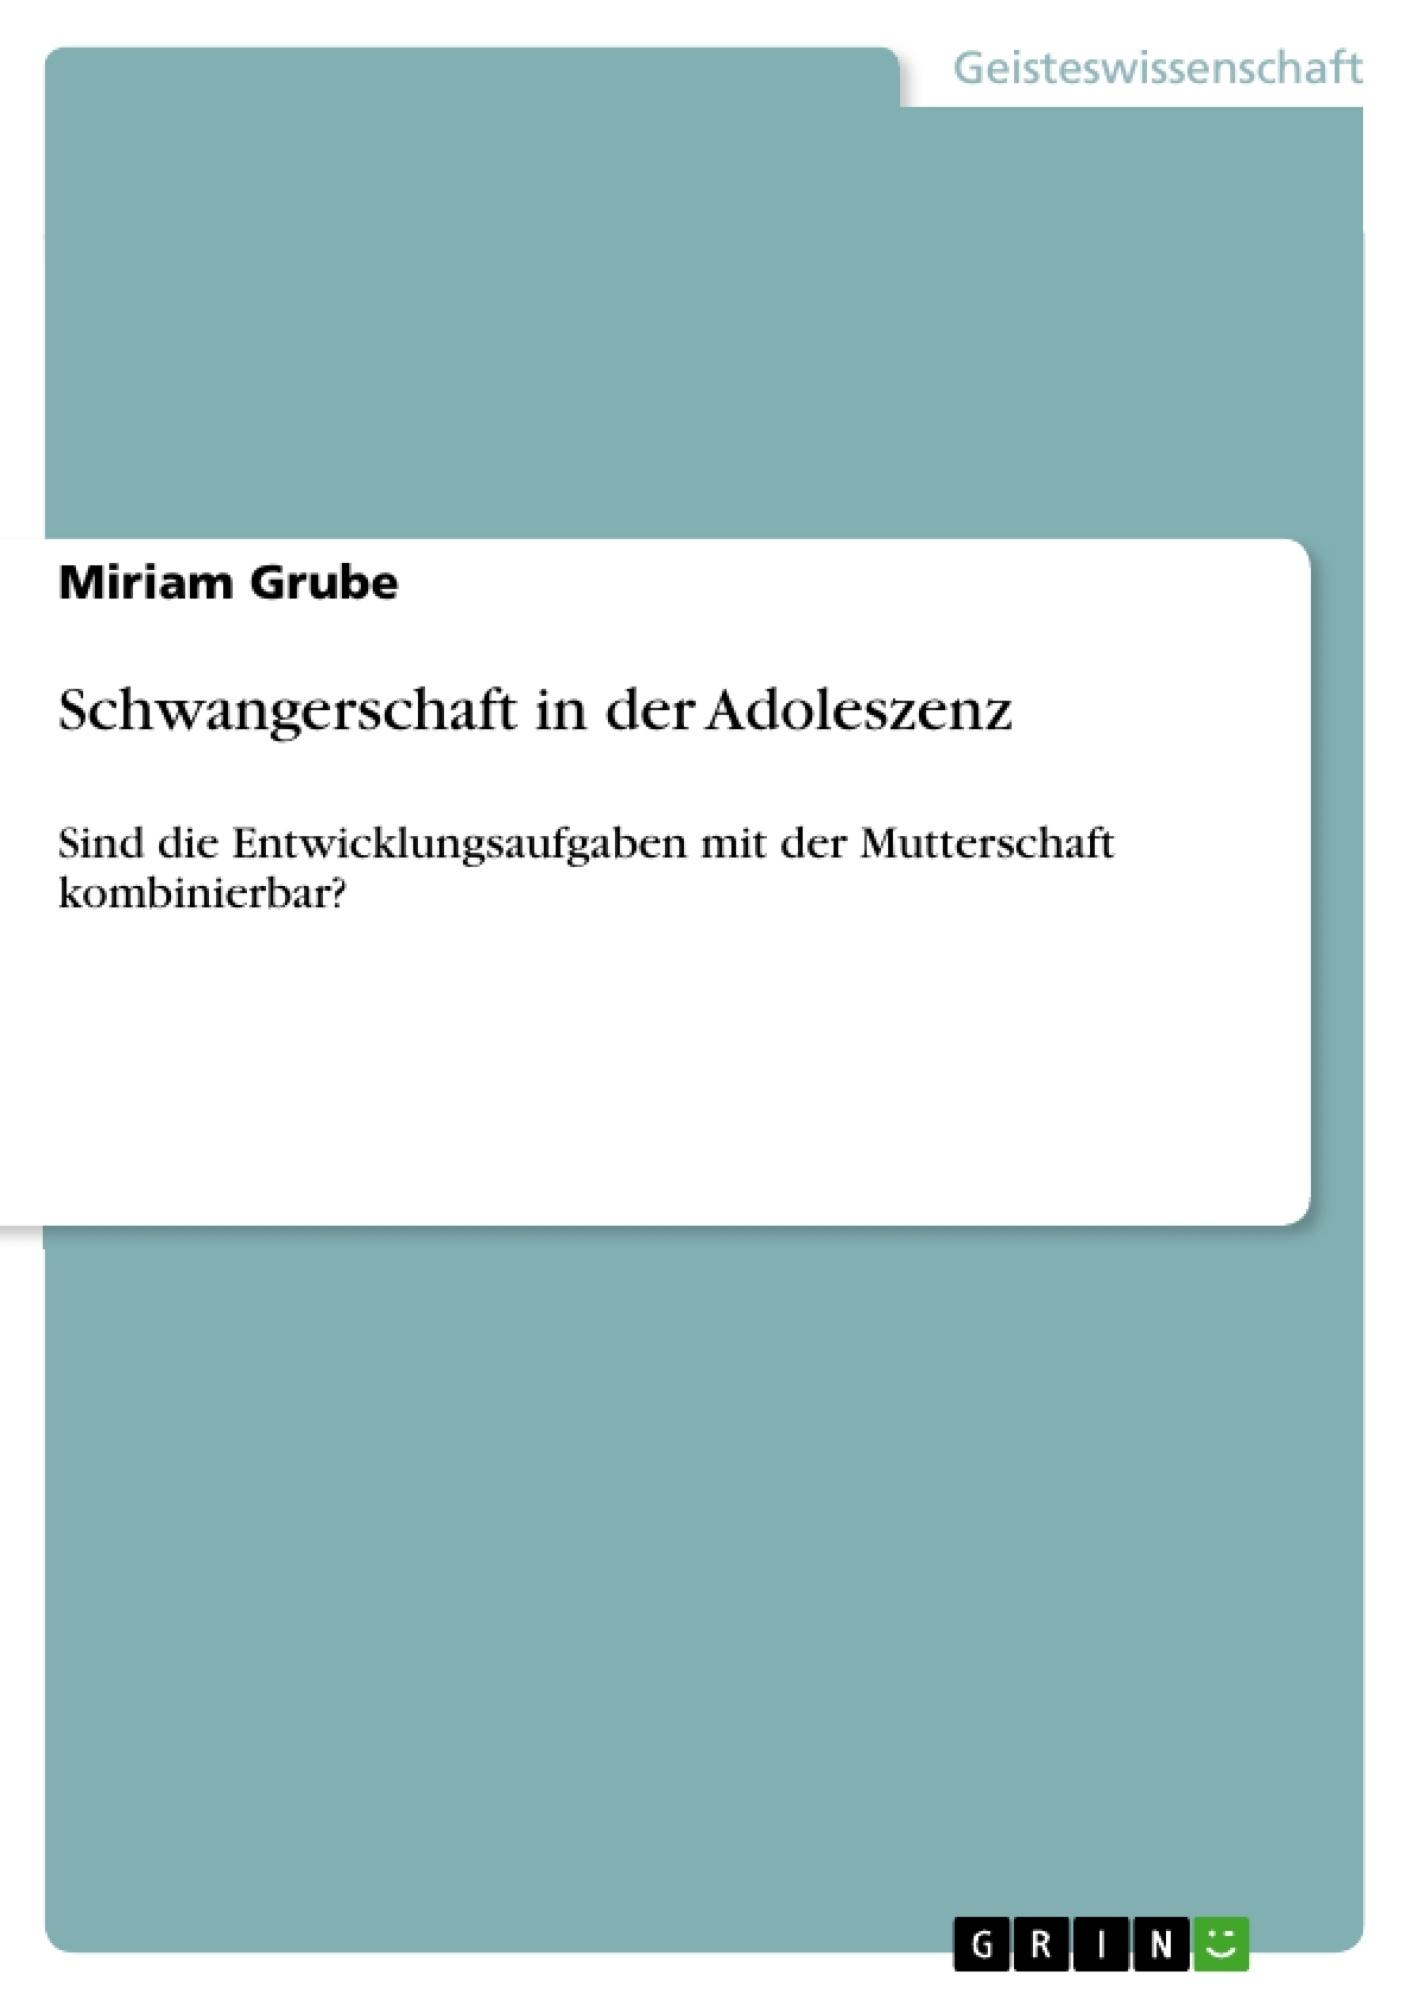 Titel: Schwangerschaft in der Adoleszenz